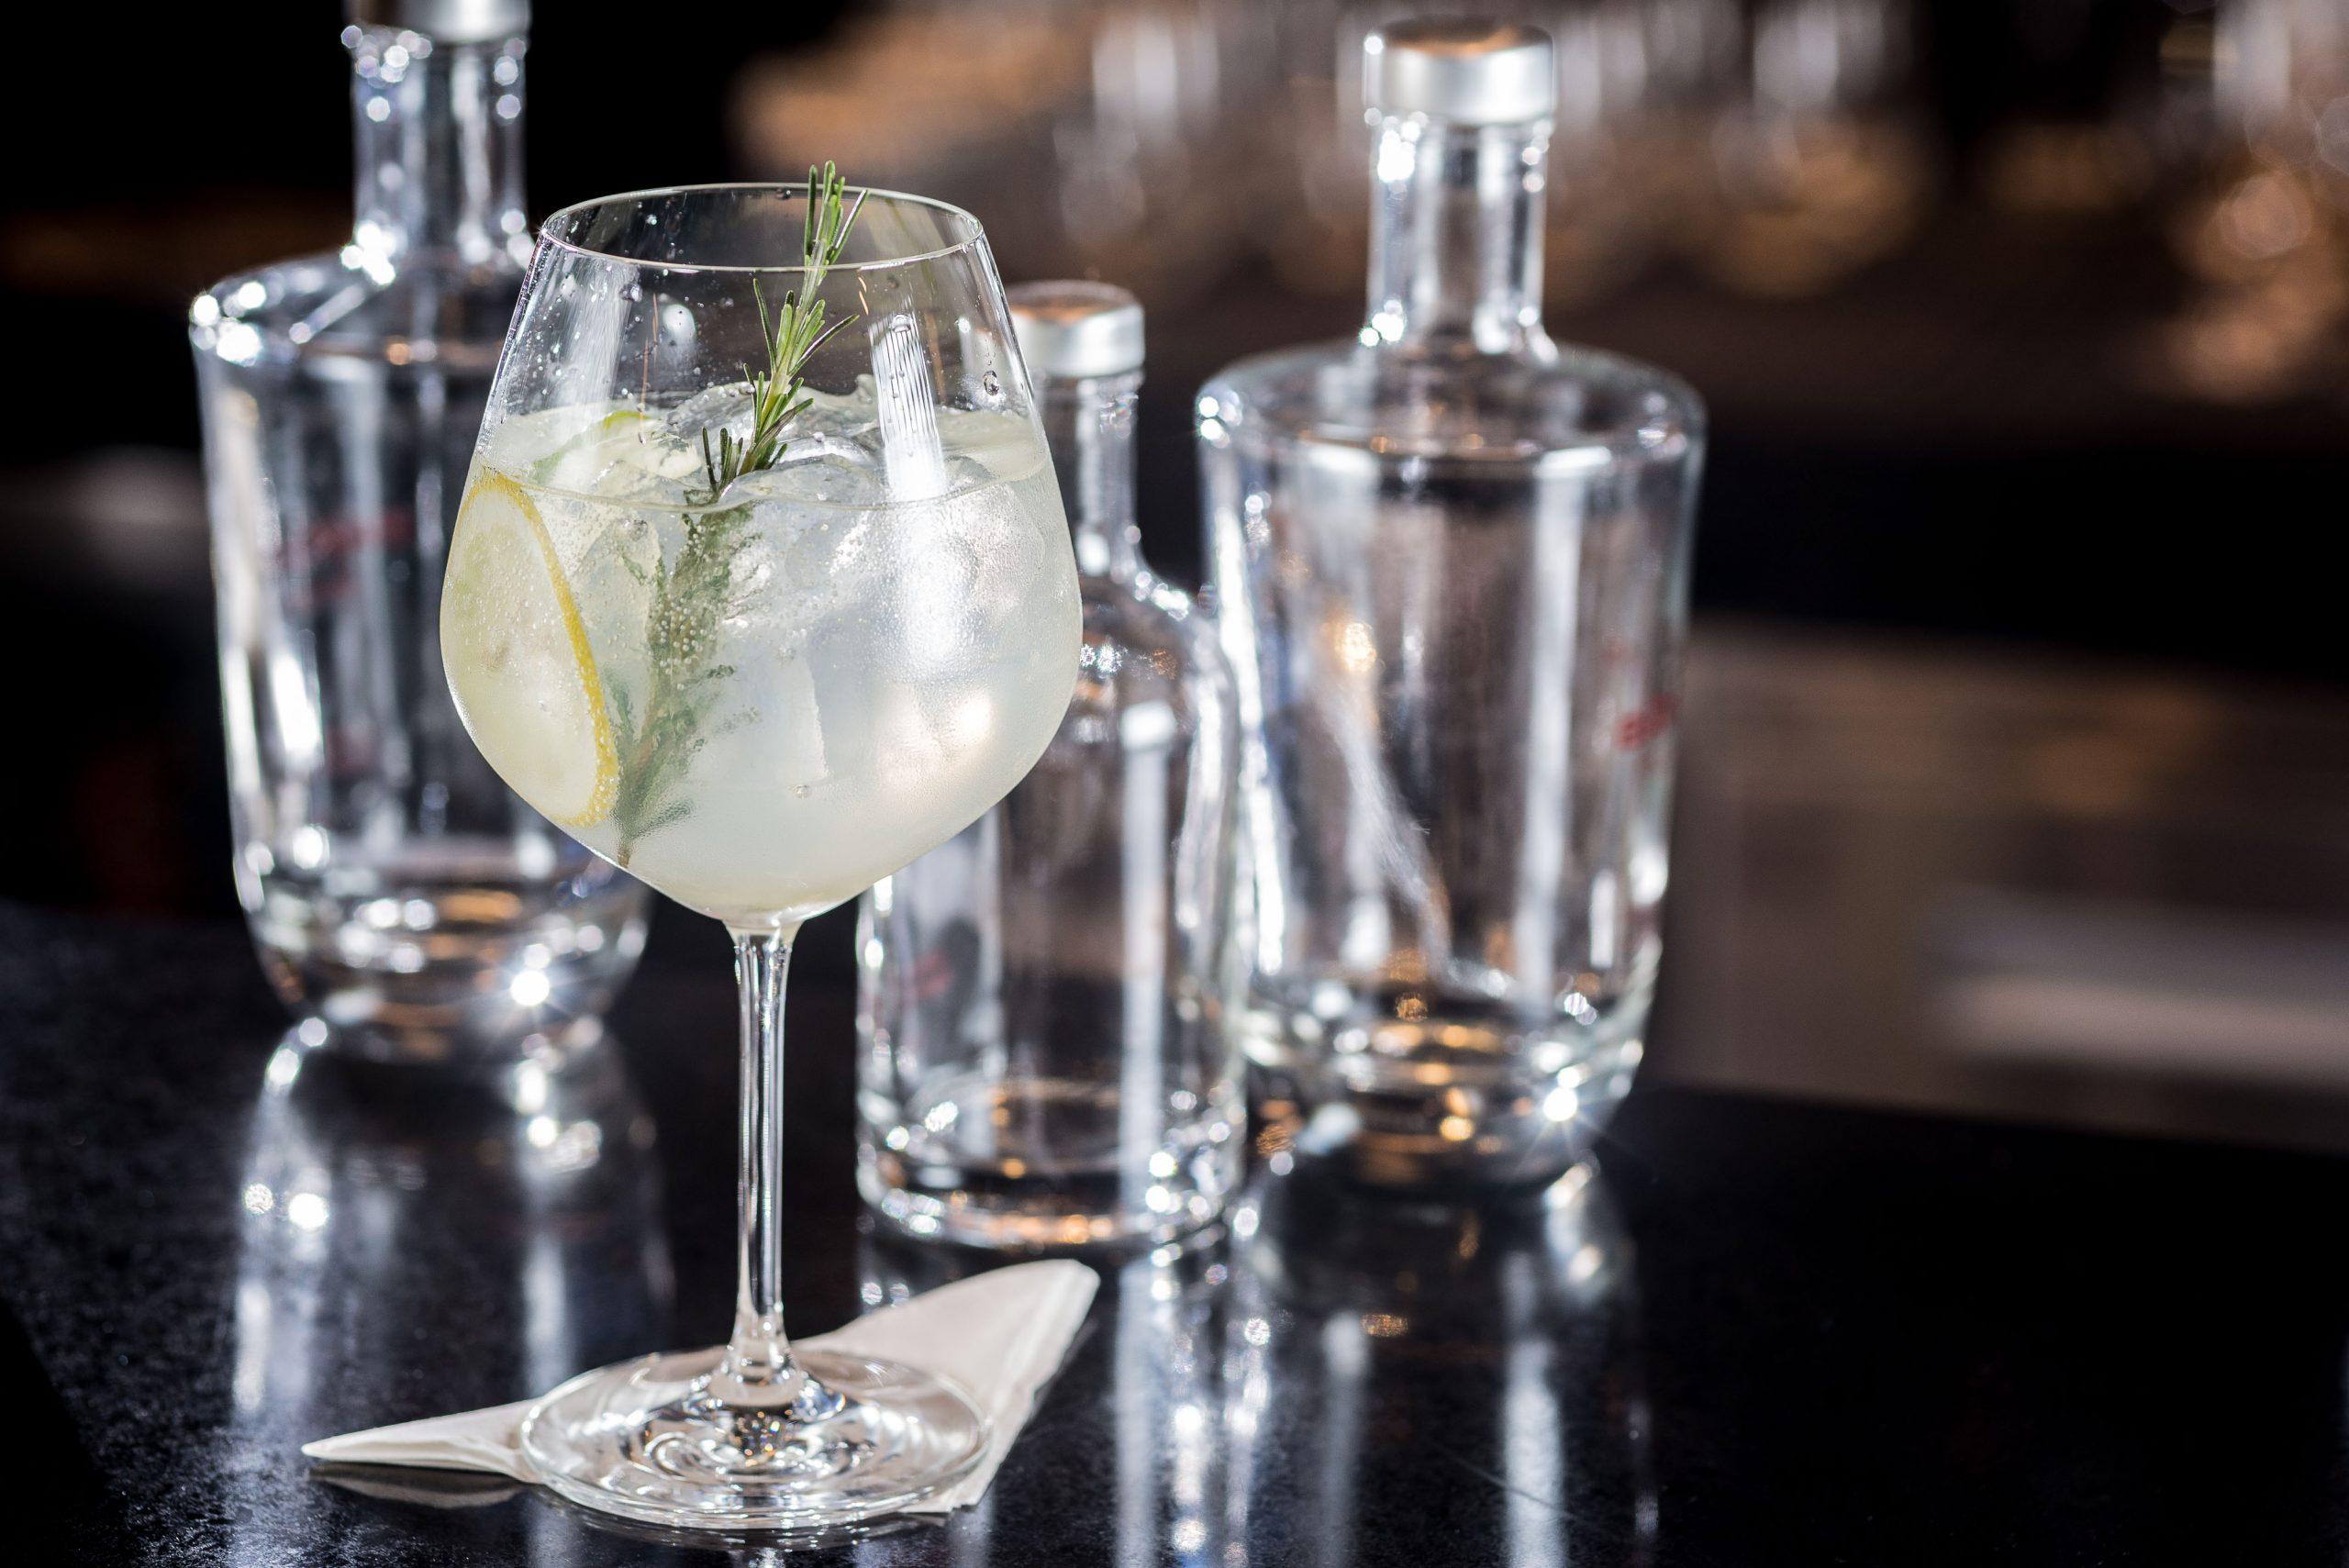 GT-Barletta-gin-limoncello-citricos-e-tonica-Barletta-Credito-Gladstone-Campos-1